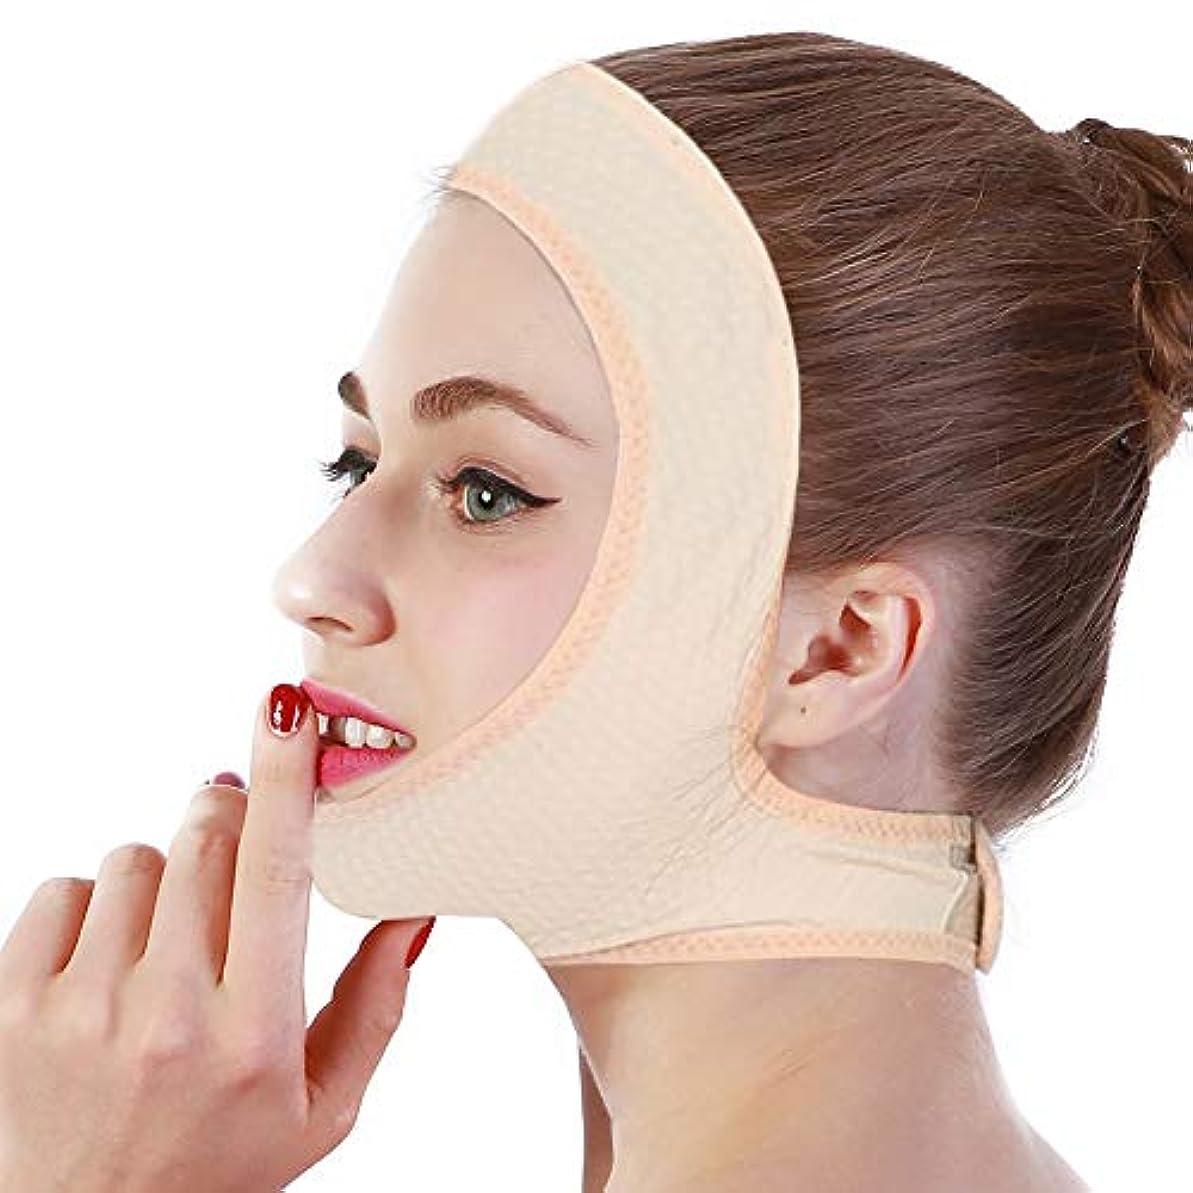 オゾン告白会話フェイスマッサージ肌の色フェイスリフティングマスク薄いあご矯正ツール顔の輪郭調整包帯